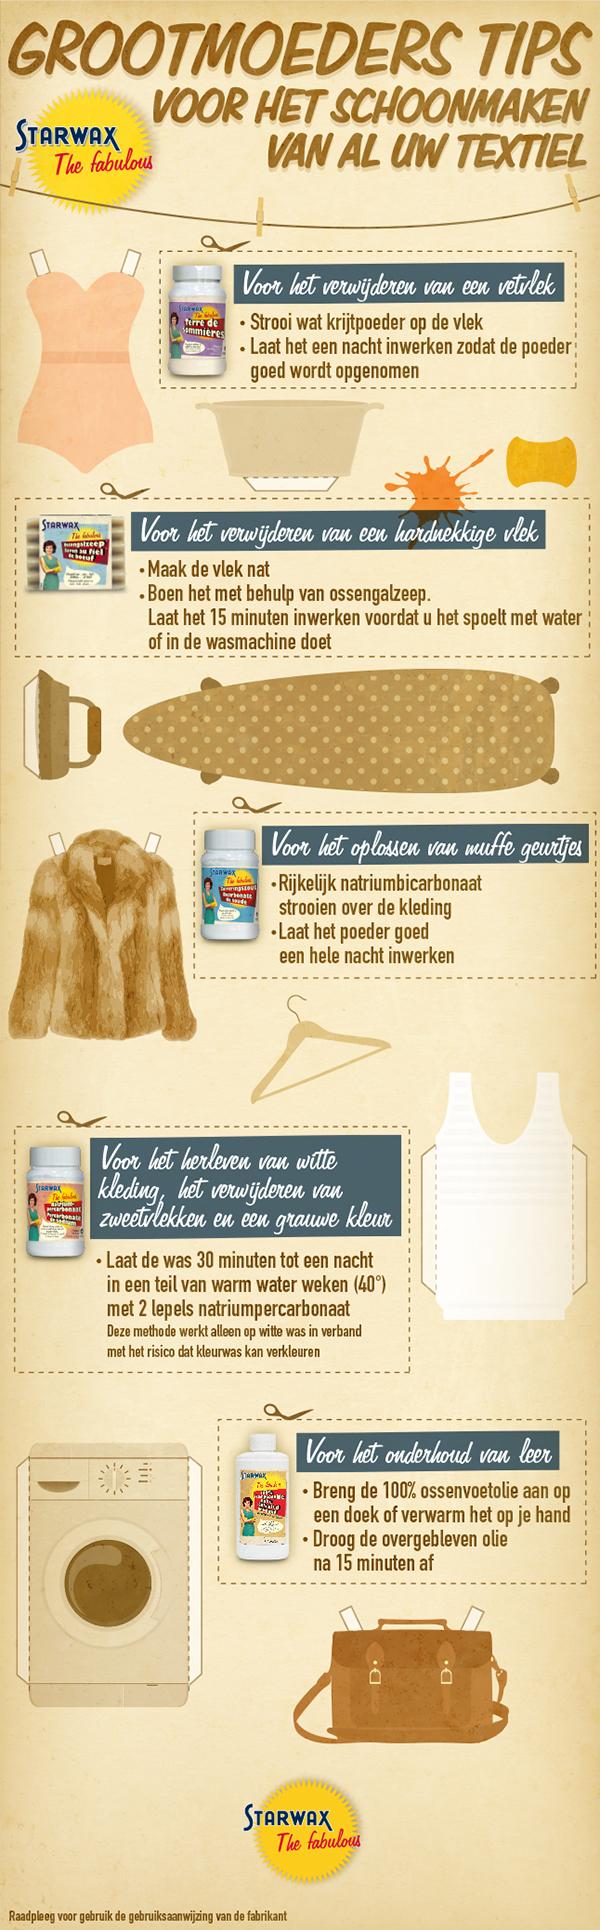 olievlekken verwijderen uit kleding